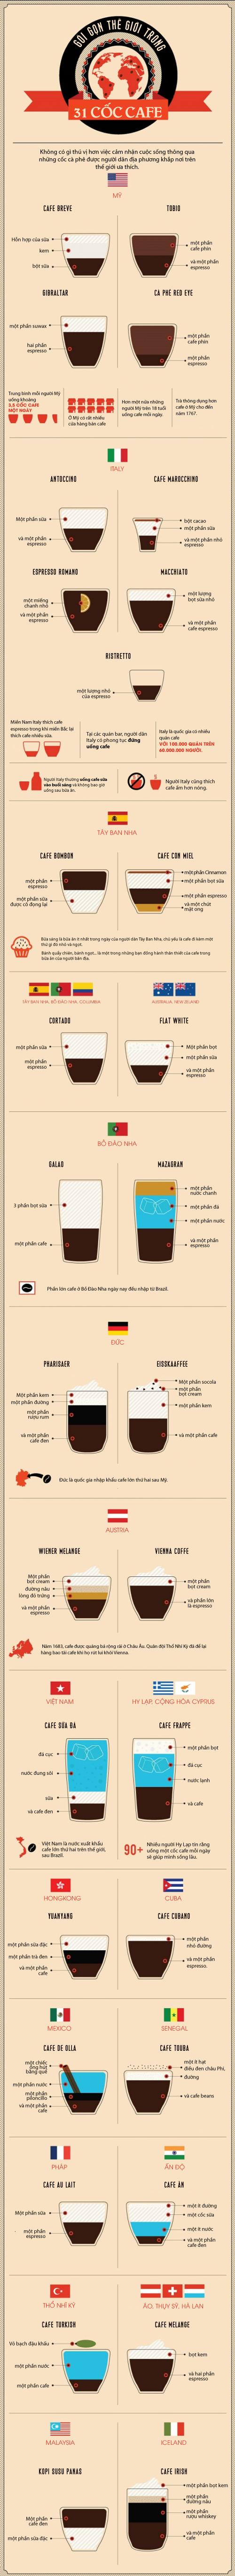 Gói trọn thế giới trong 31 cốc cà phê